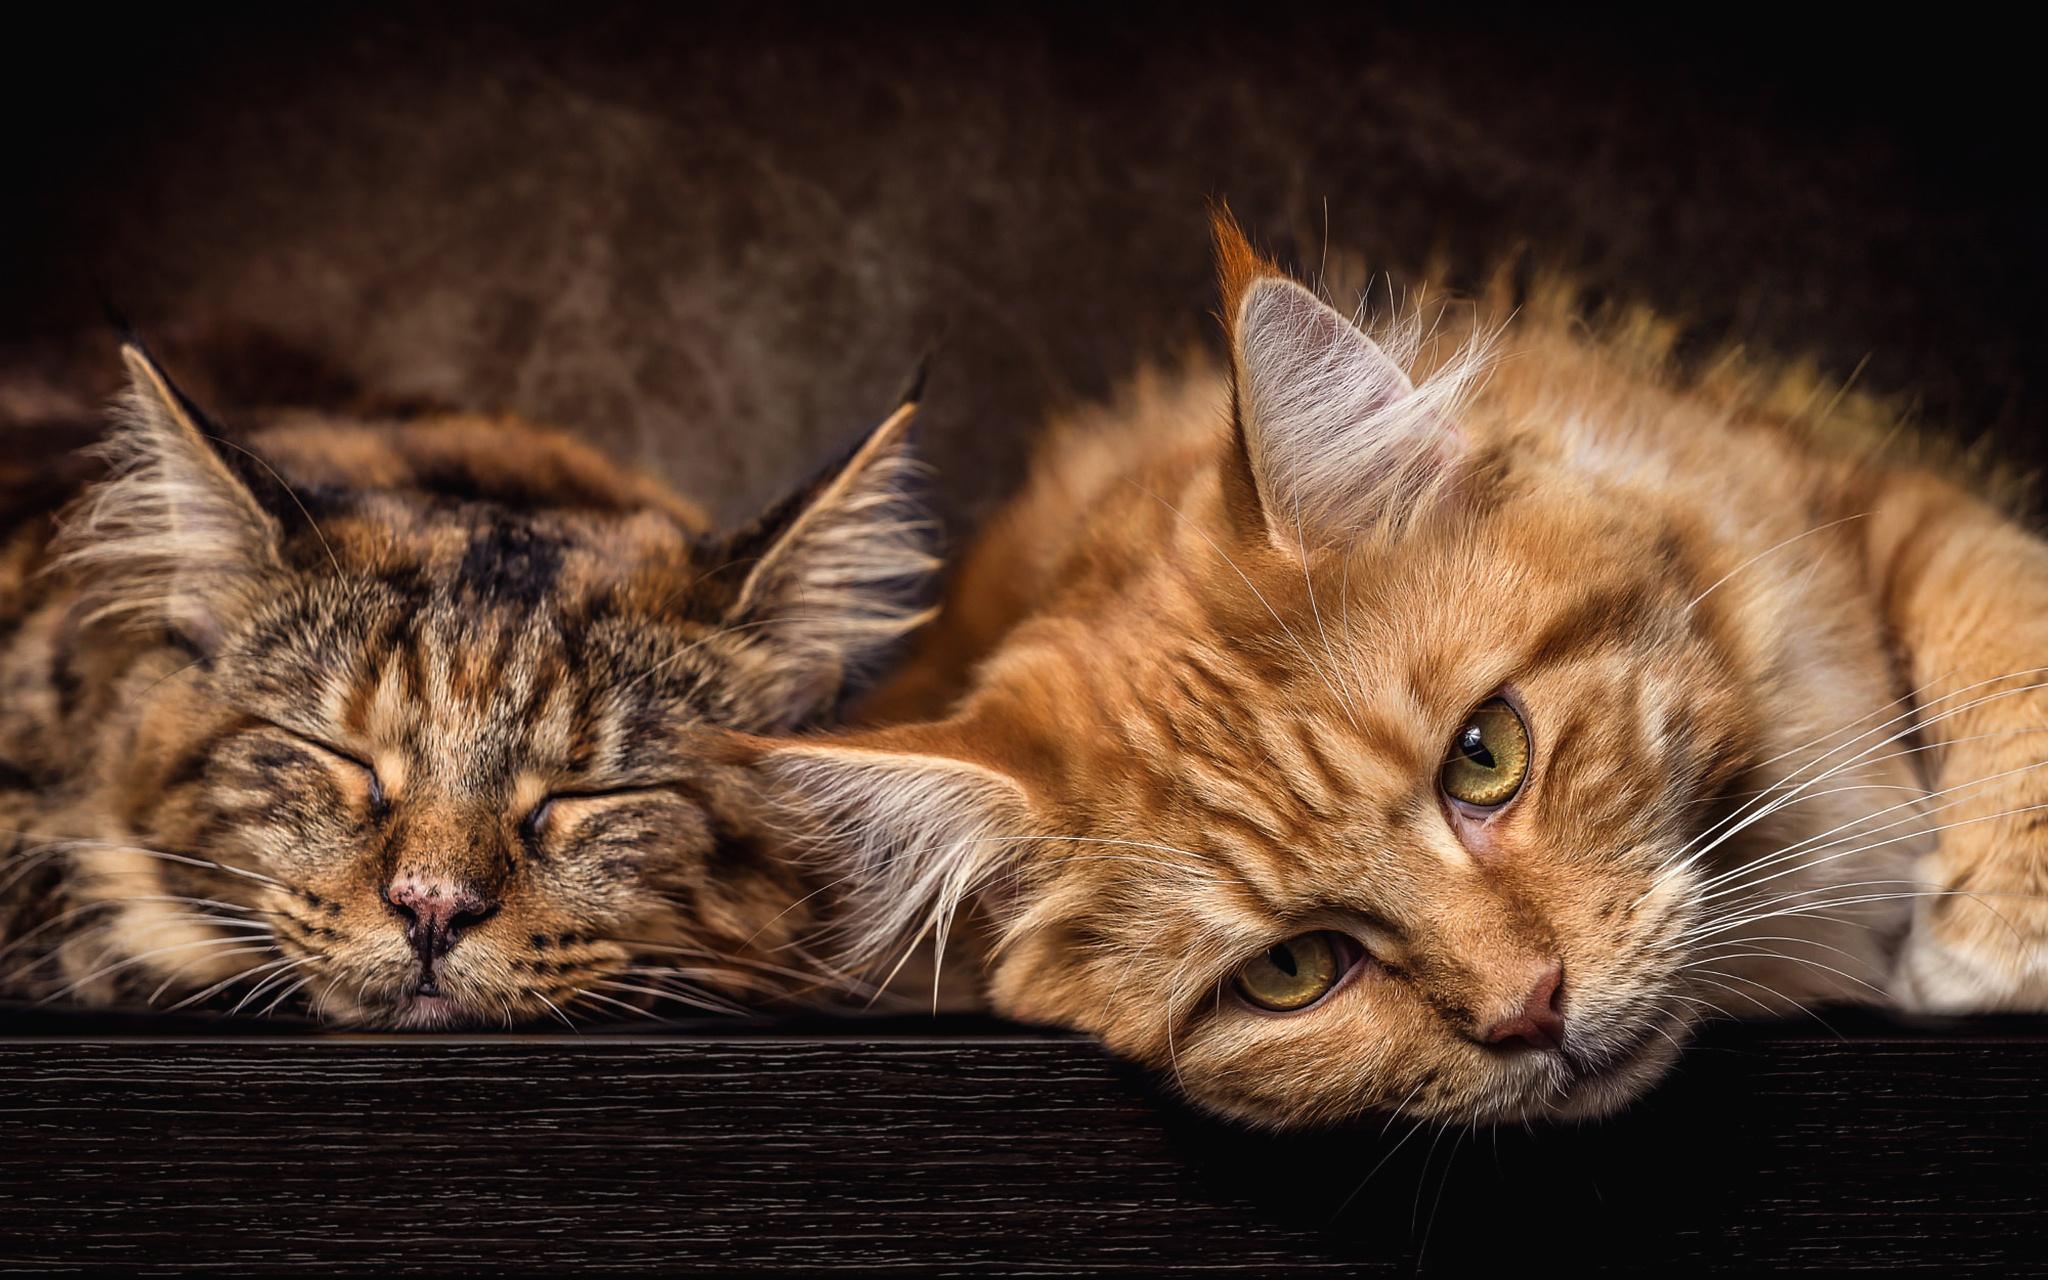 картинки рыжего и серого кота климат, максимум солнечных